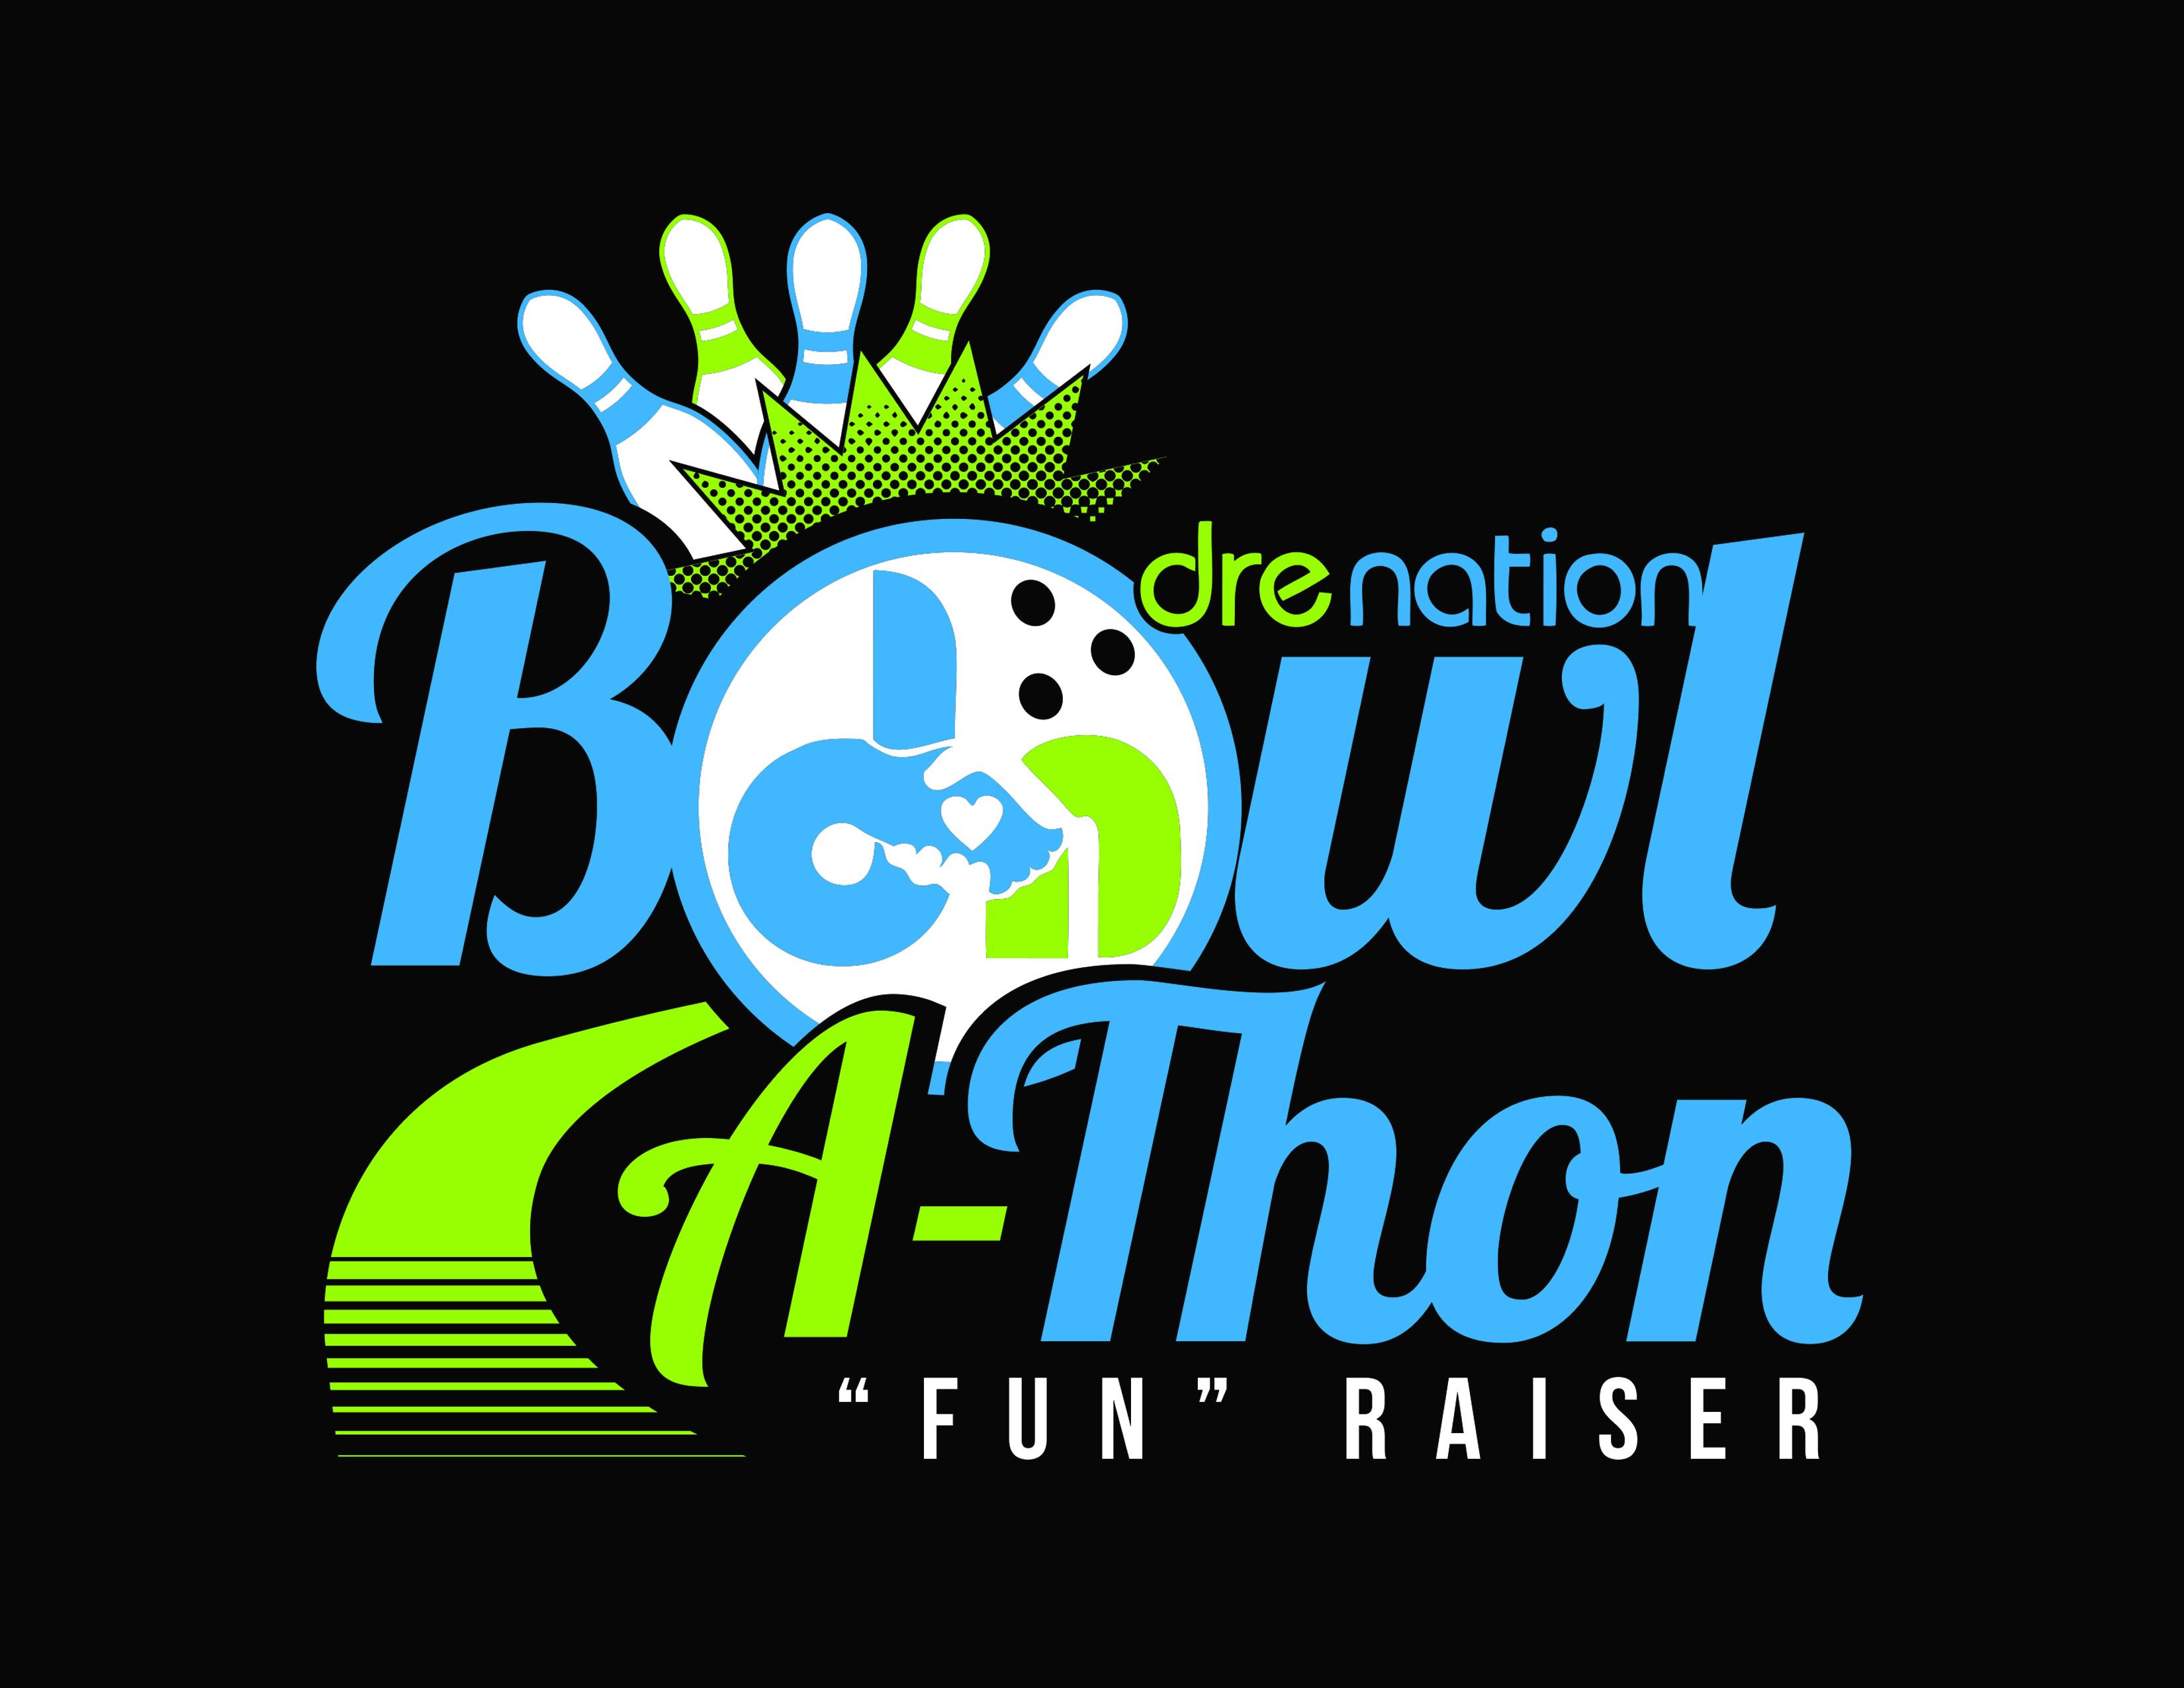 Dre Nation Bowl-a-Thon Logo